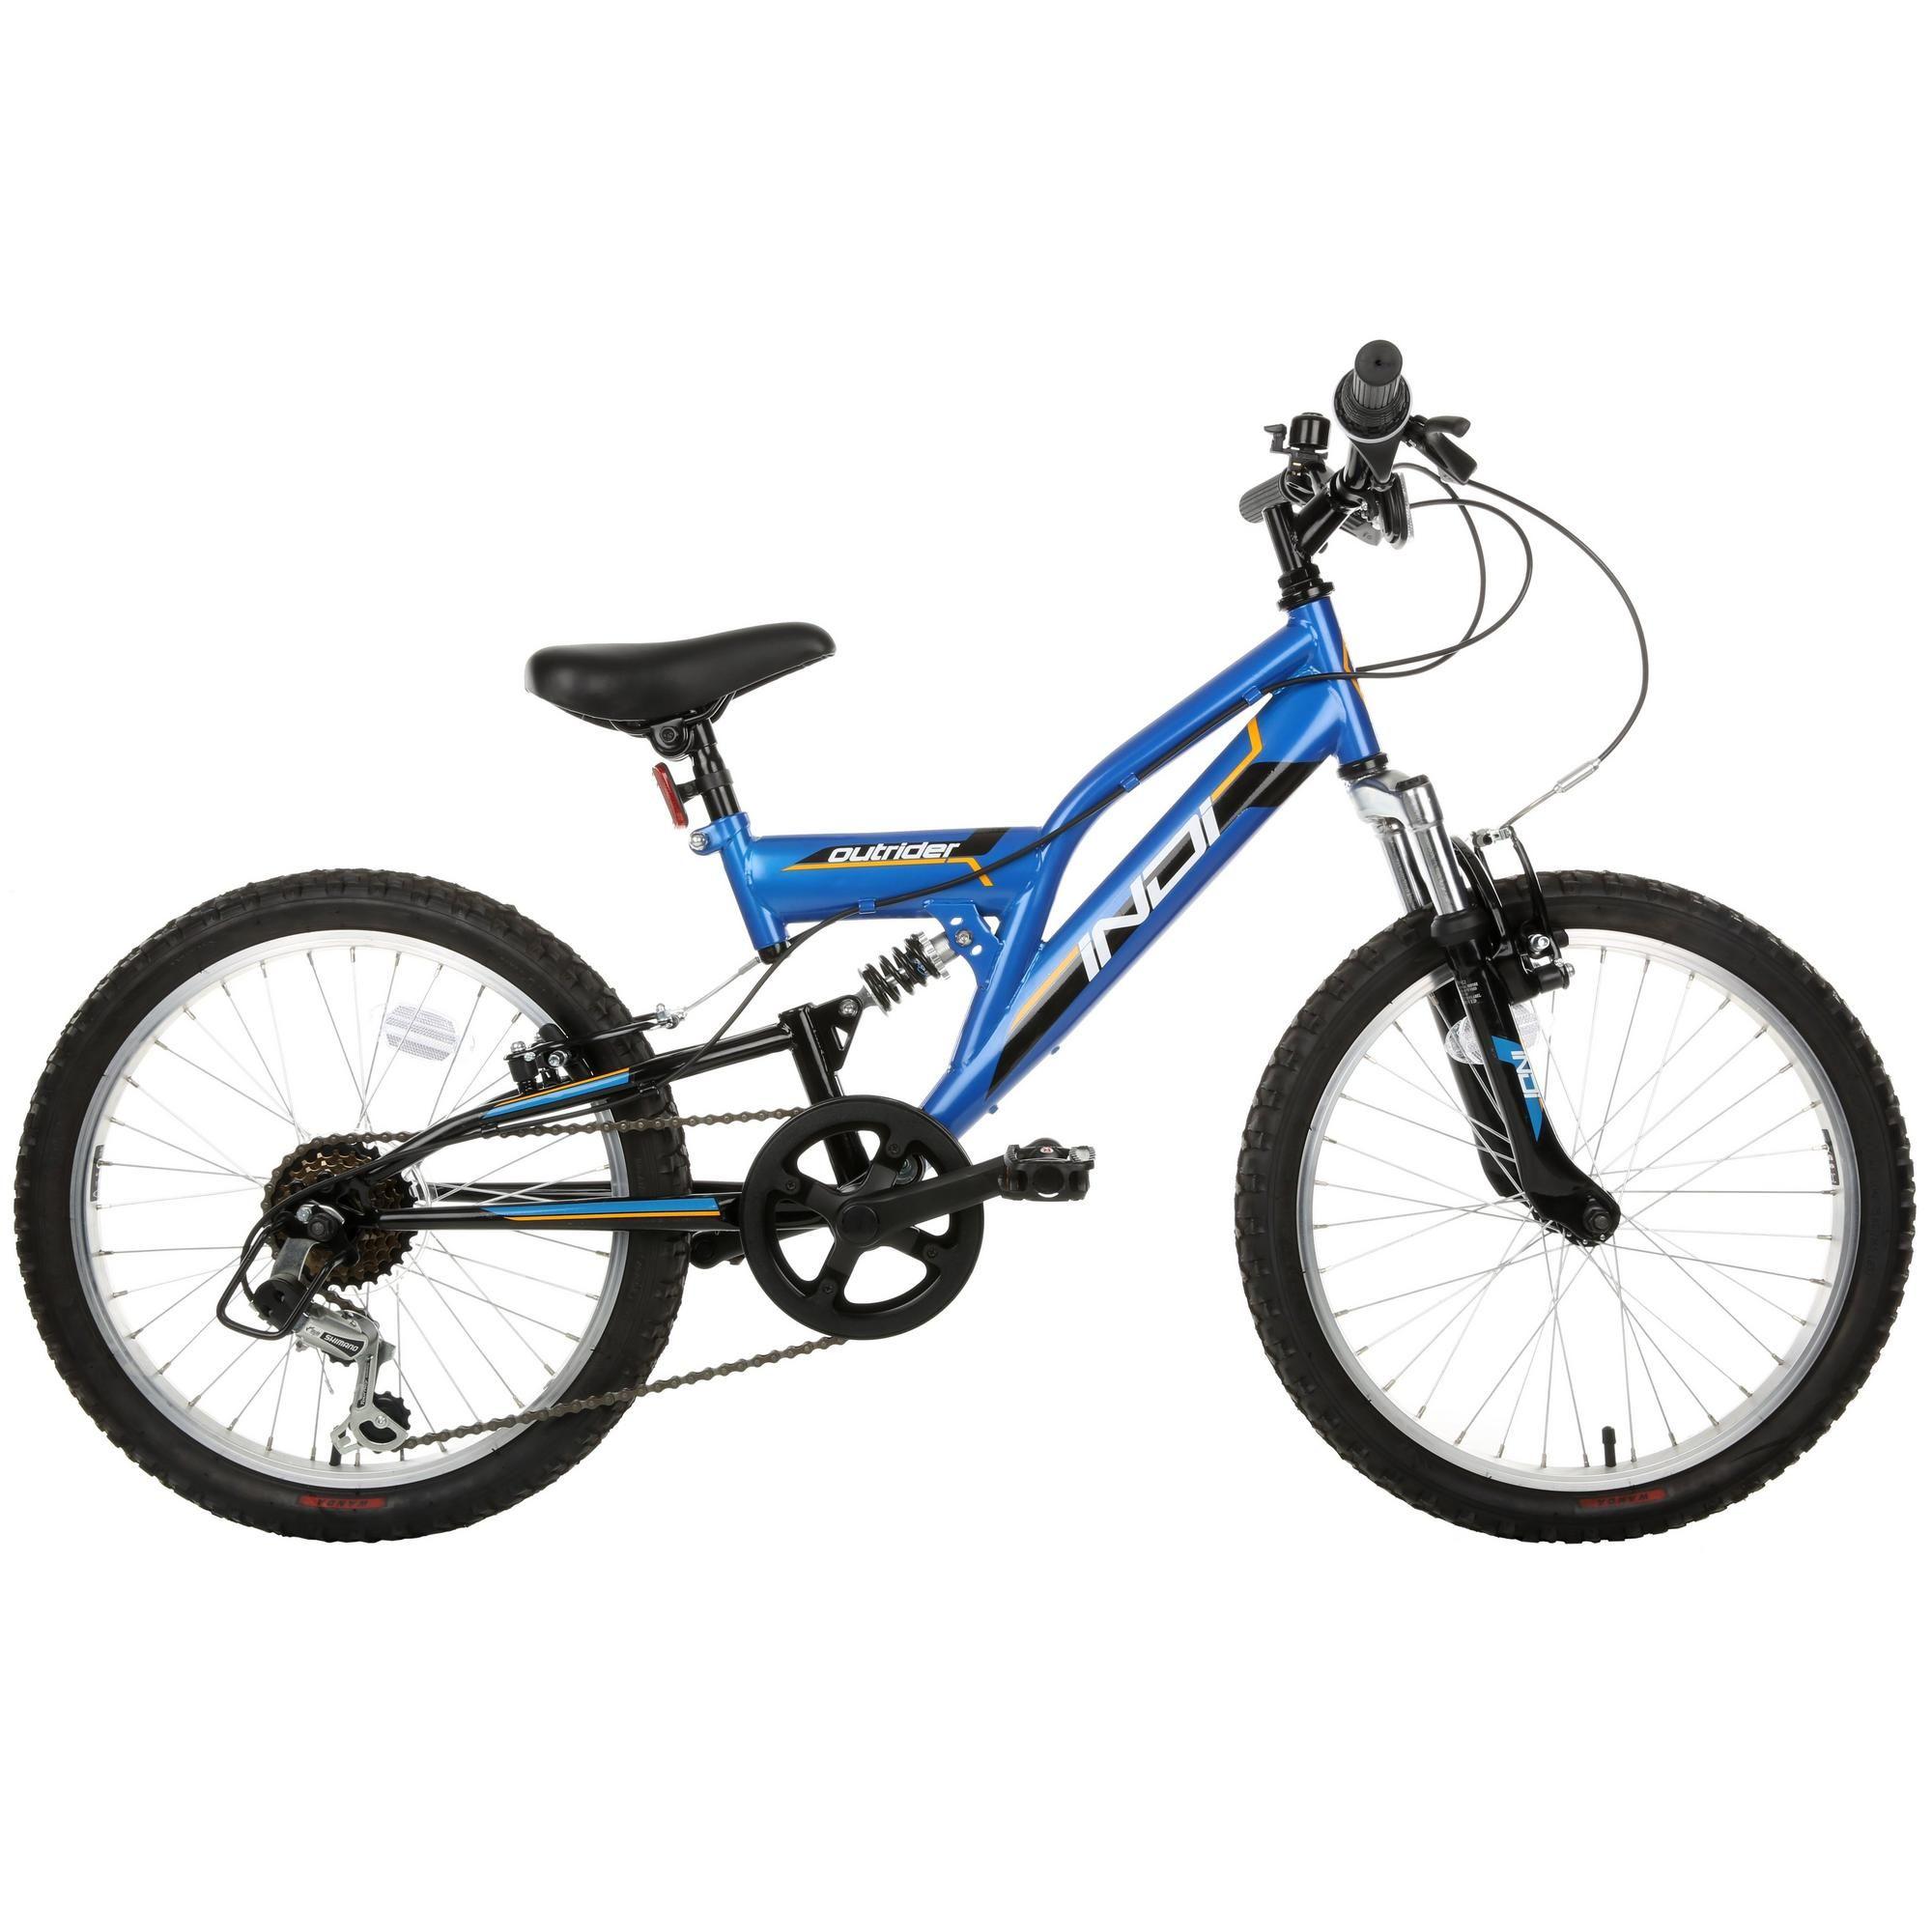 Indi Outrider Kids Mountain Bike Kids Mountain Bikes